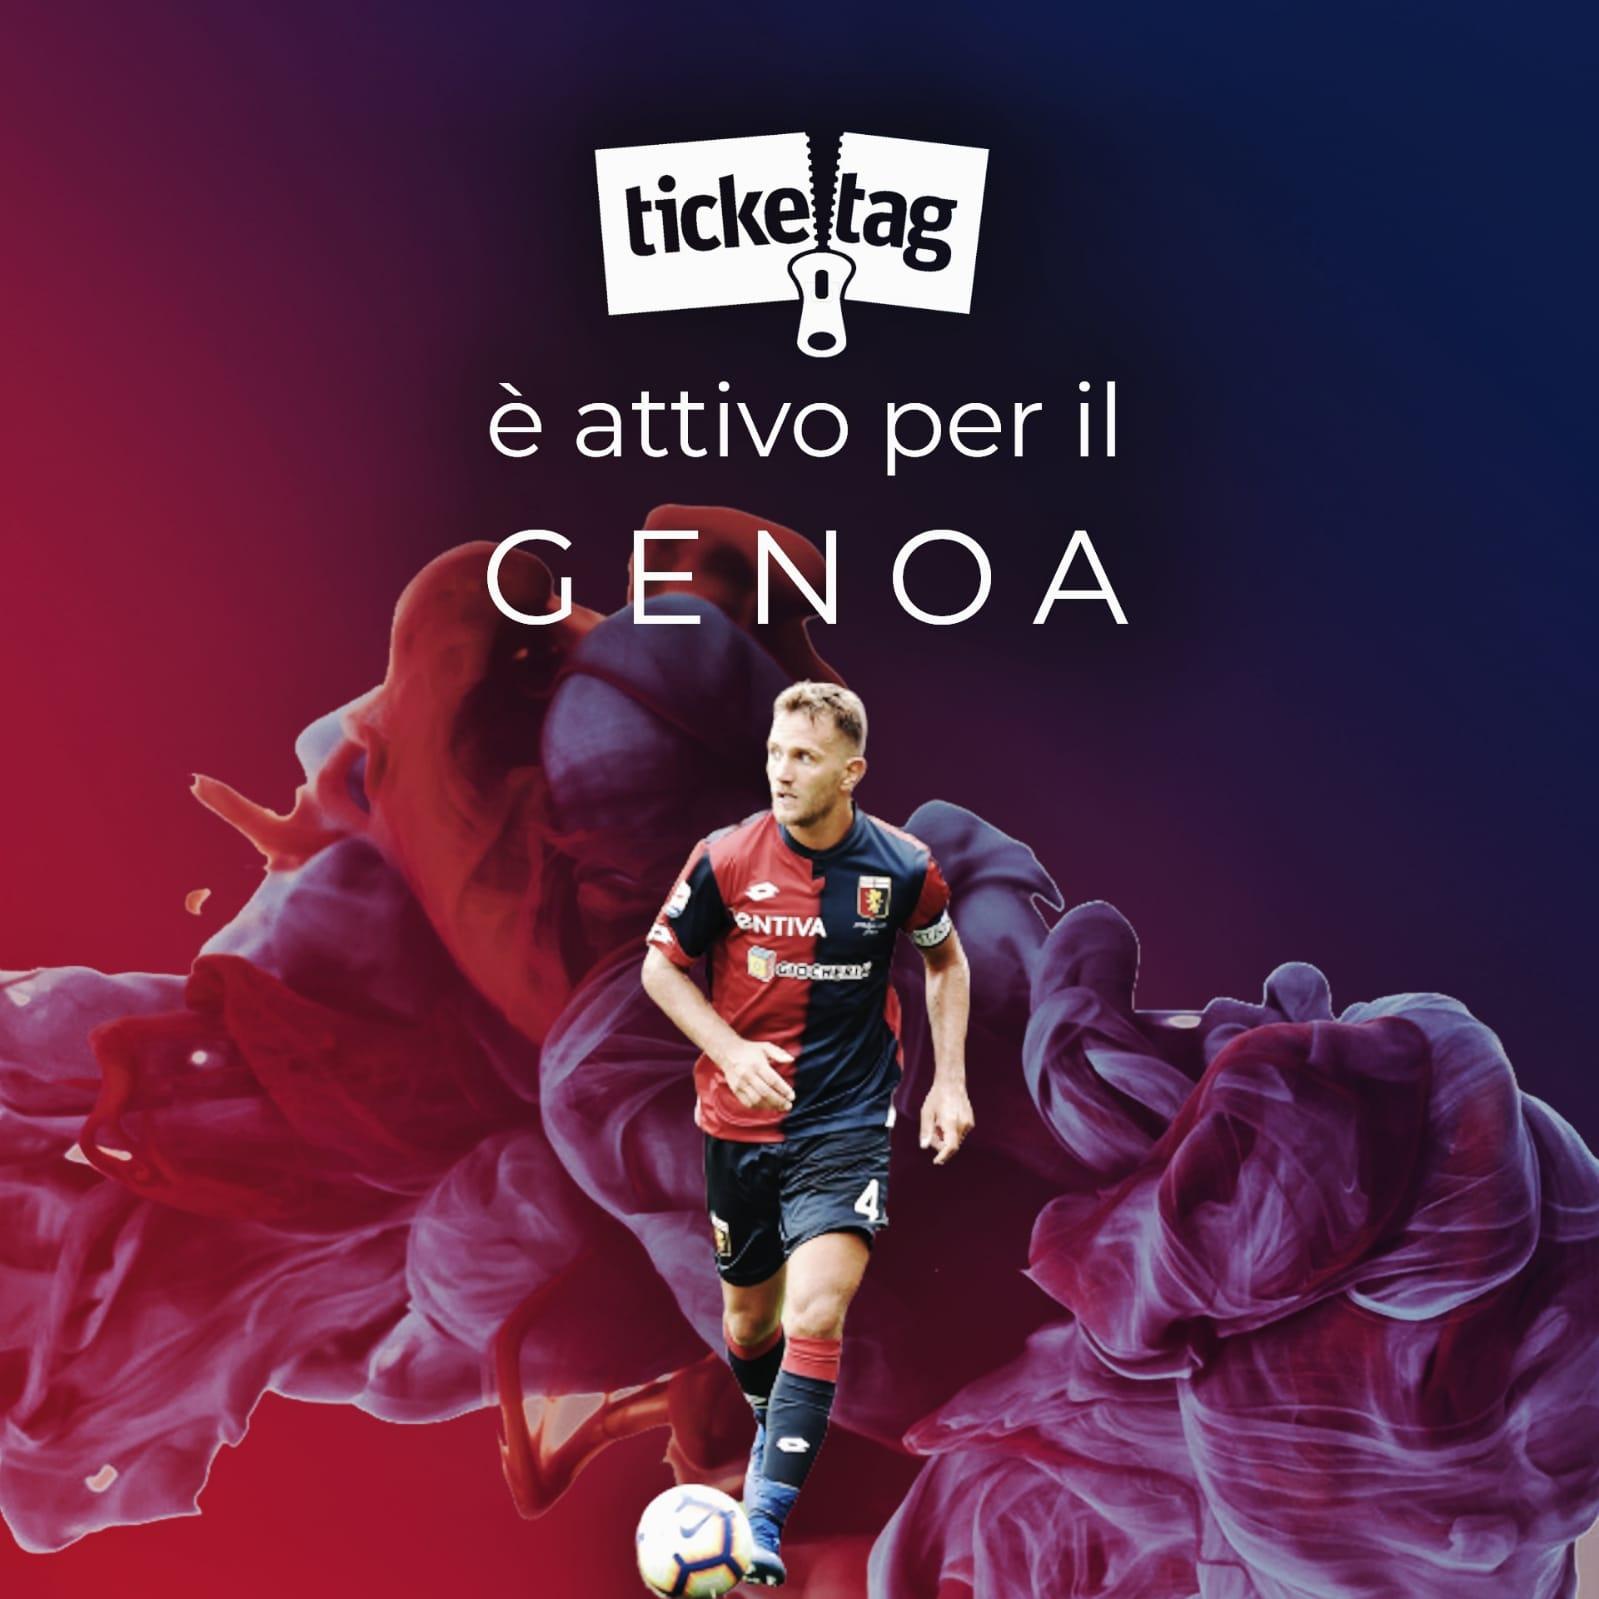 Biglietti Serie A, Ticketag si espande: da oggi è disponibile anche per il Genoa